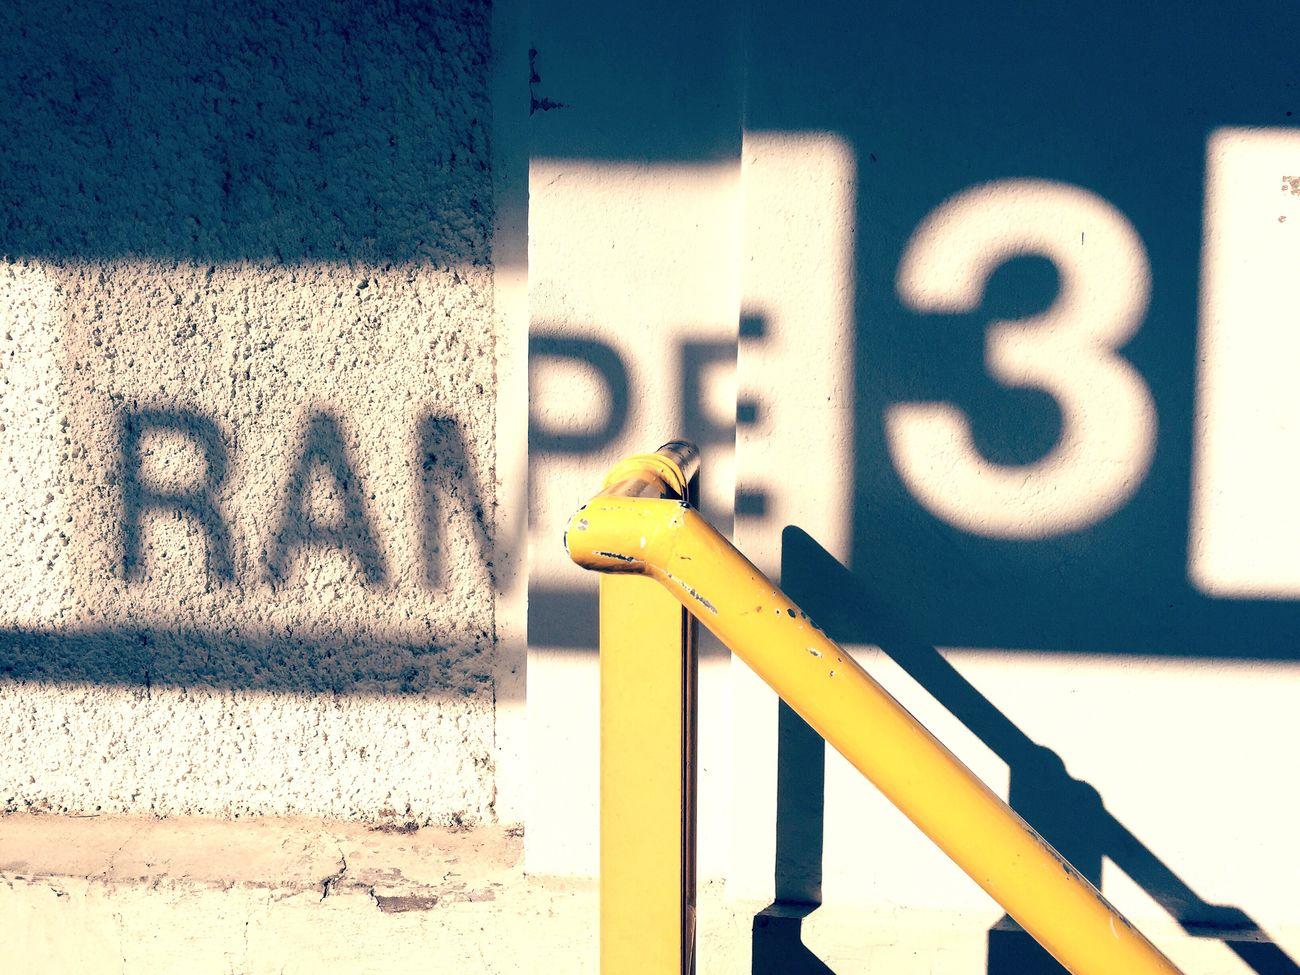 Tabakfabrik Linz Urban Shadow Light And Shadow Industrial Tabakfabrik